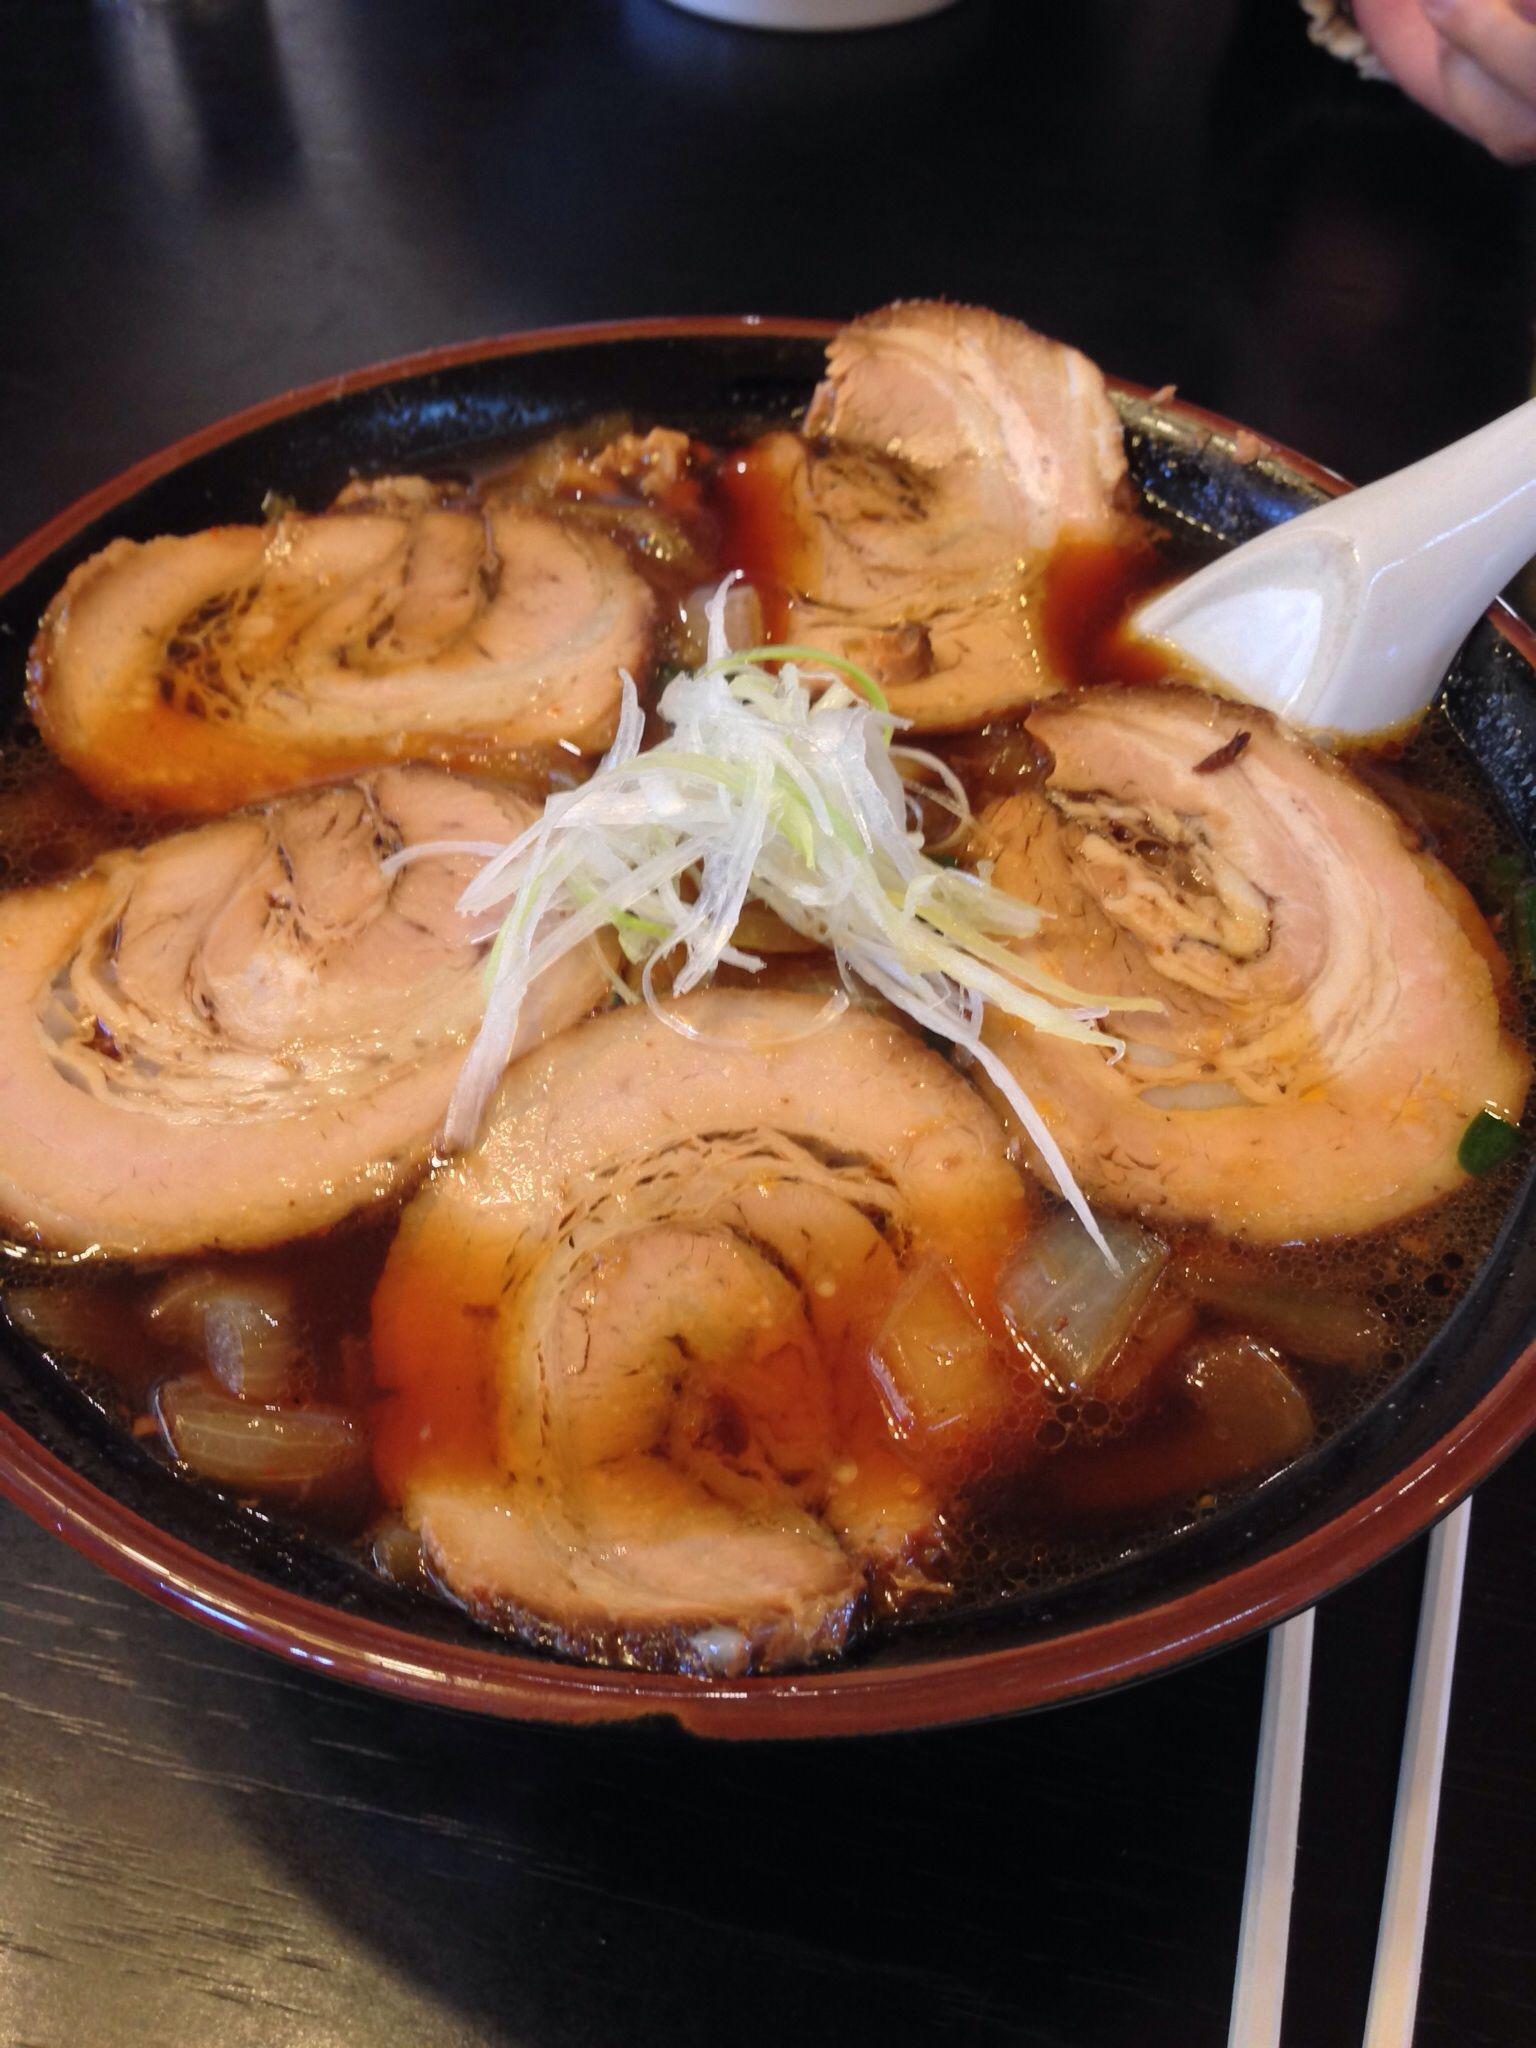 八平の食堂@長柄町 | 麺、めん、メン | 麺、ラーメン、おいしい